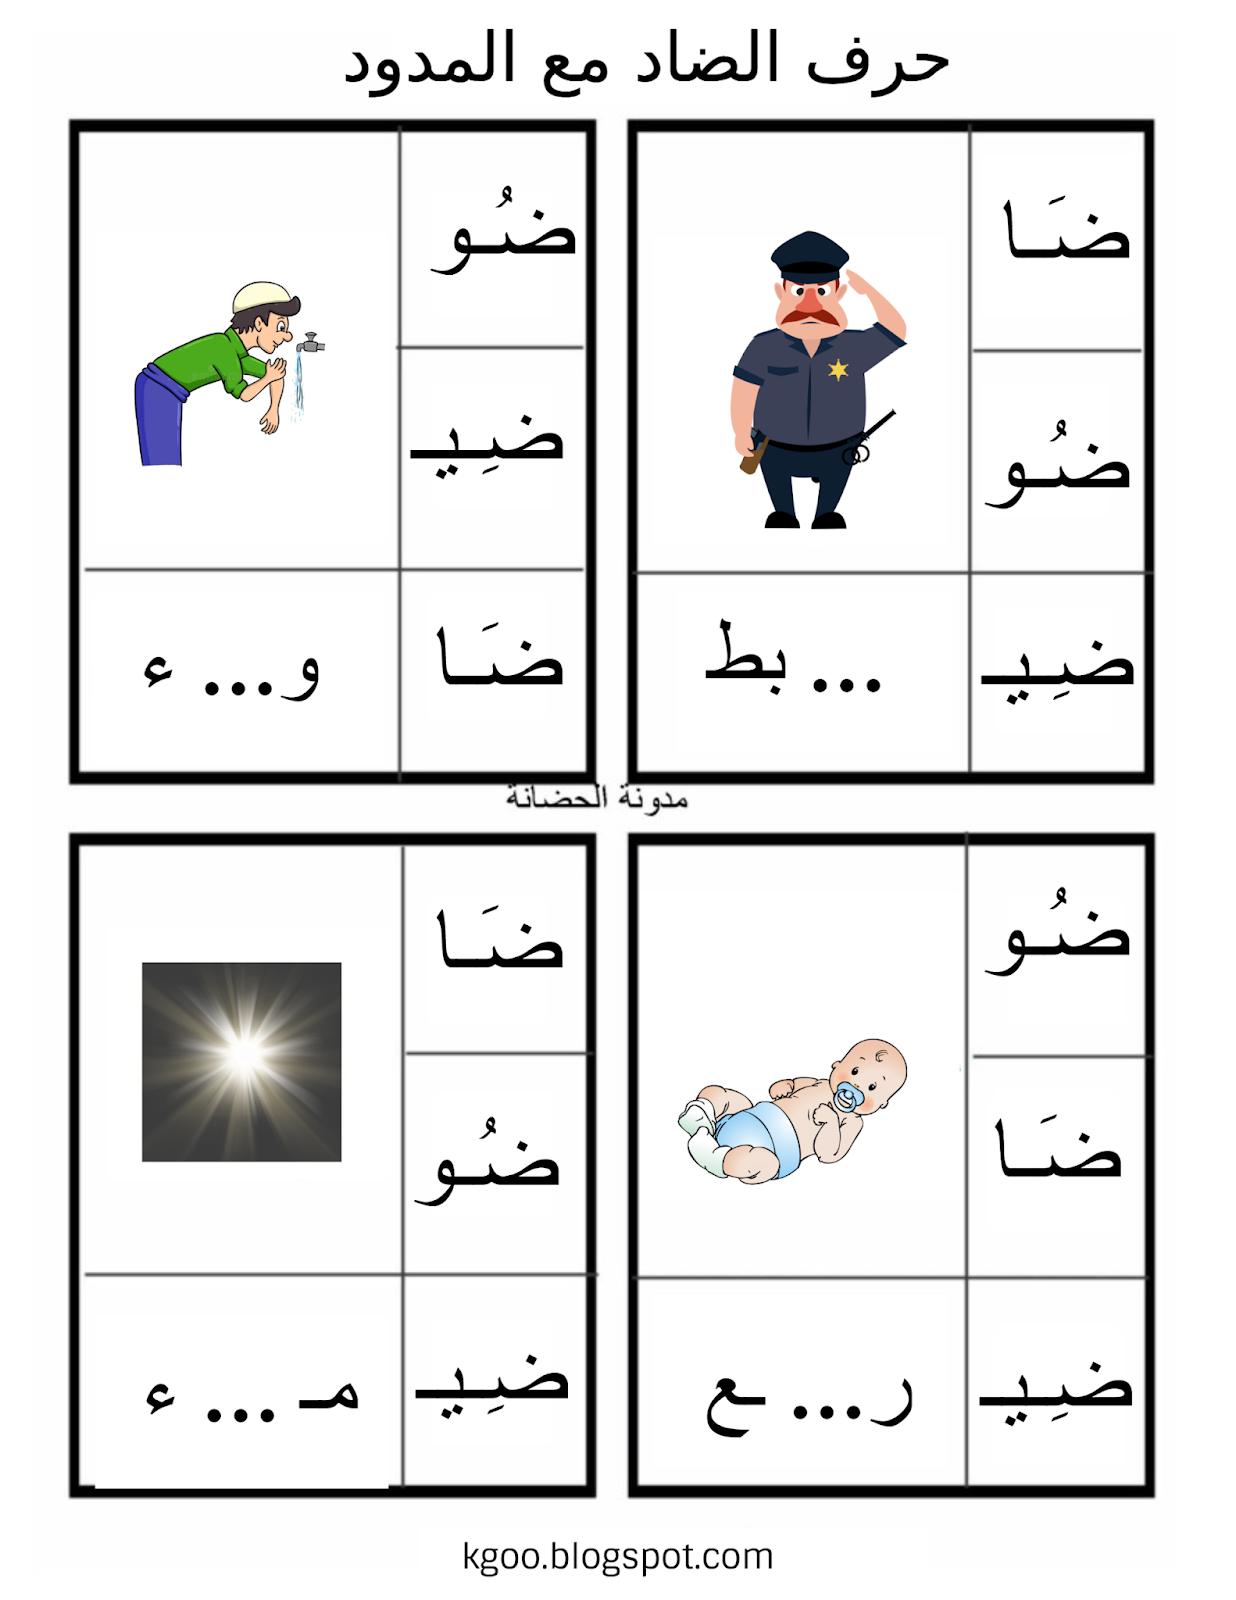 درس نموذجي حرف الضاد مع المدود مع ورقة عمل حرف الضاد